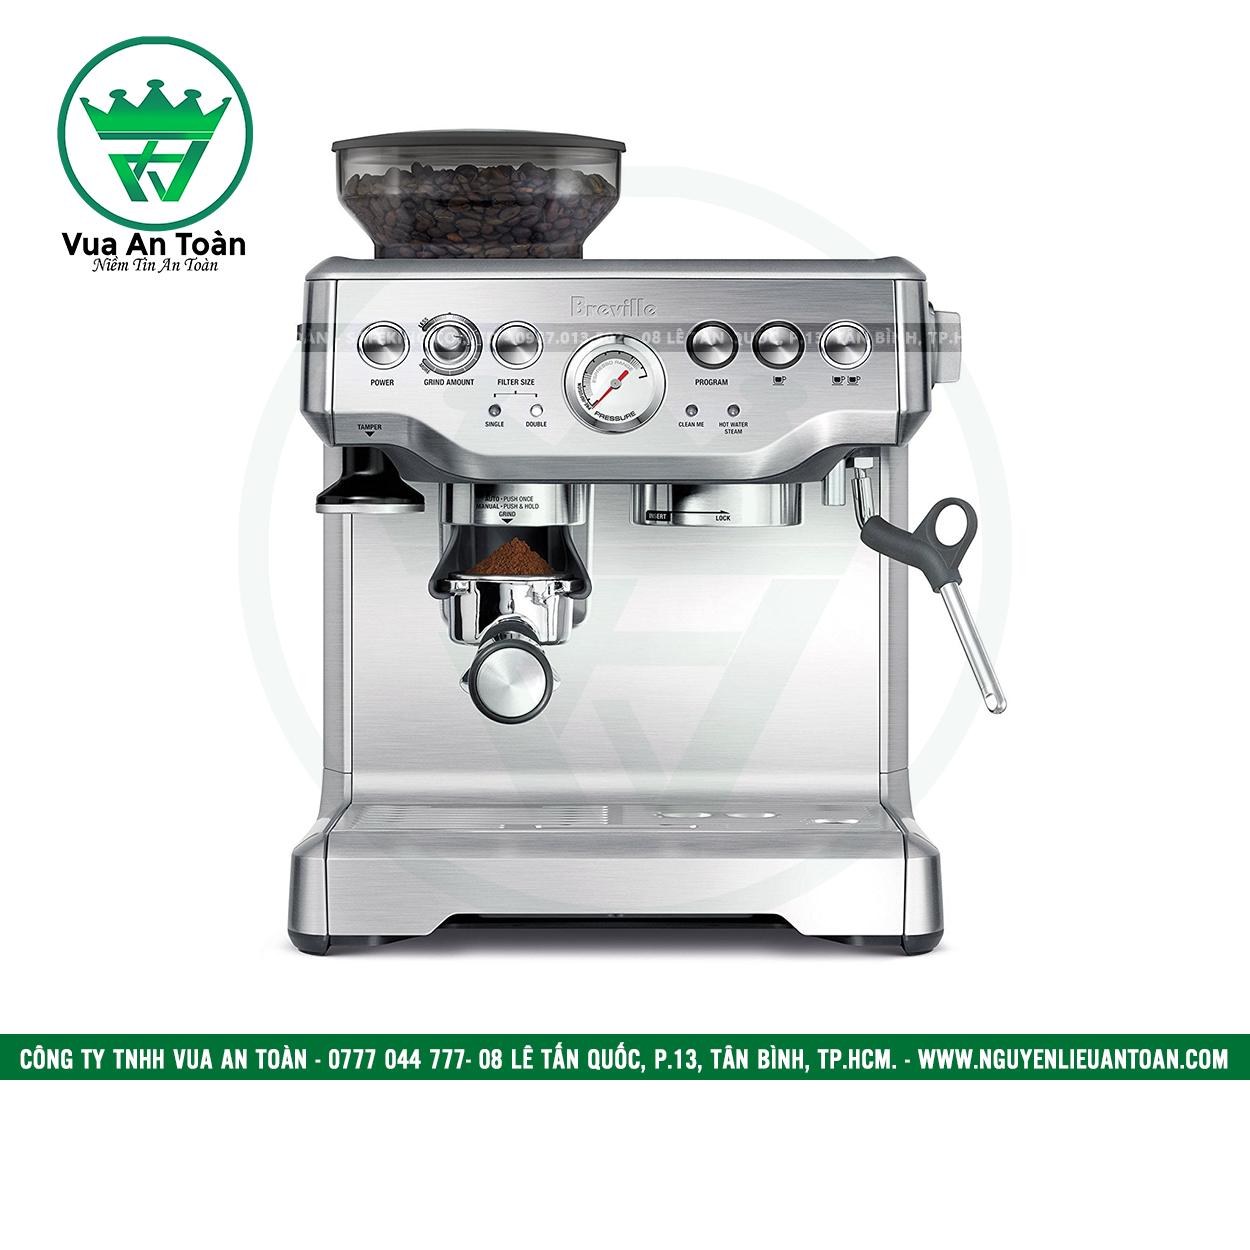 Máy pha cà phê Breville 870